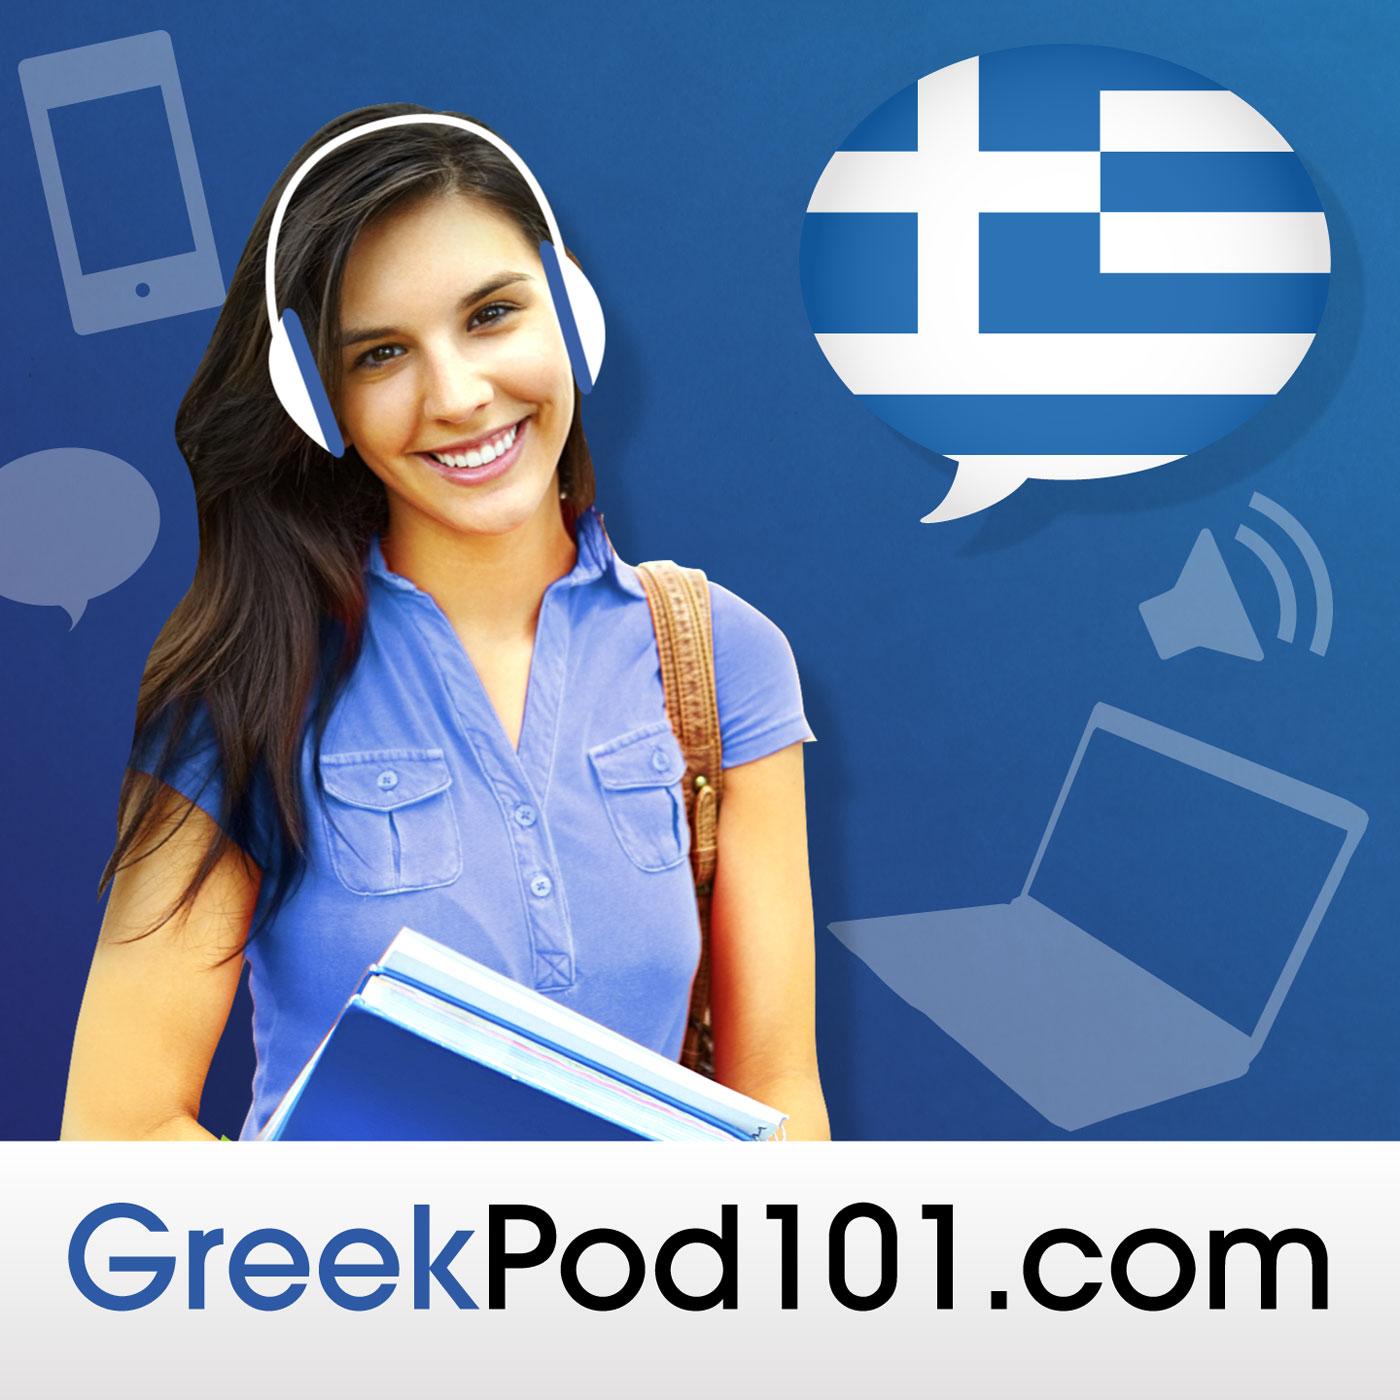 Learn Greek | GreekPod101.com